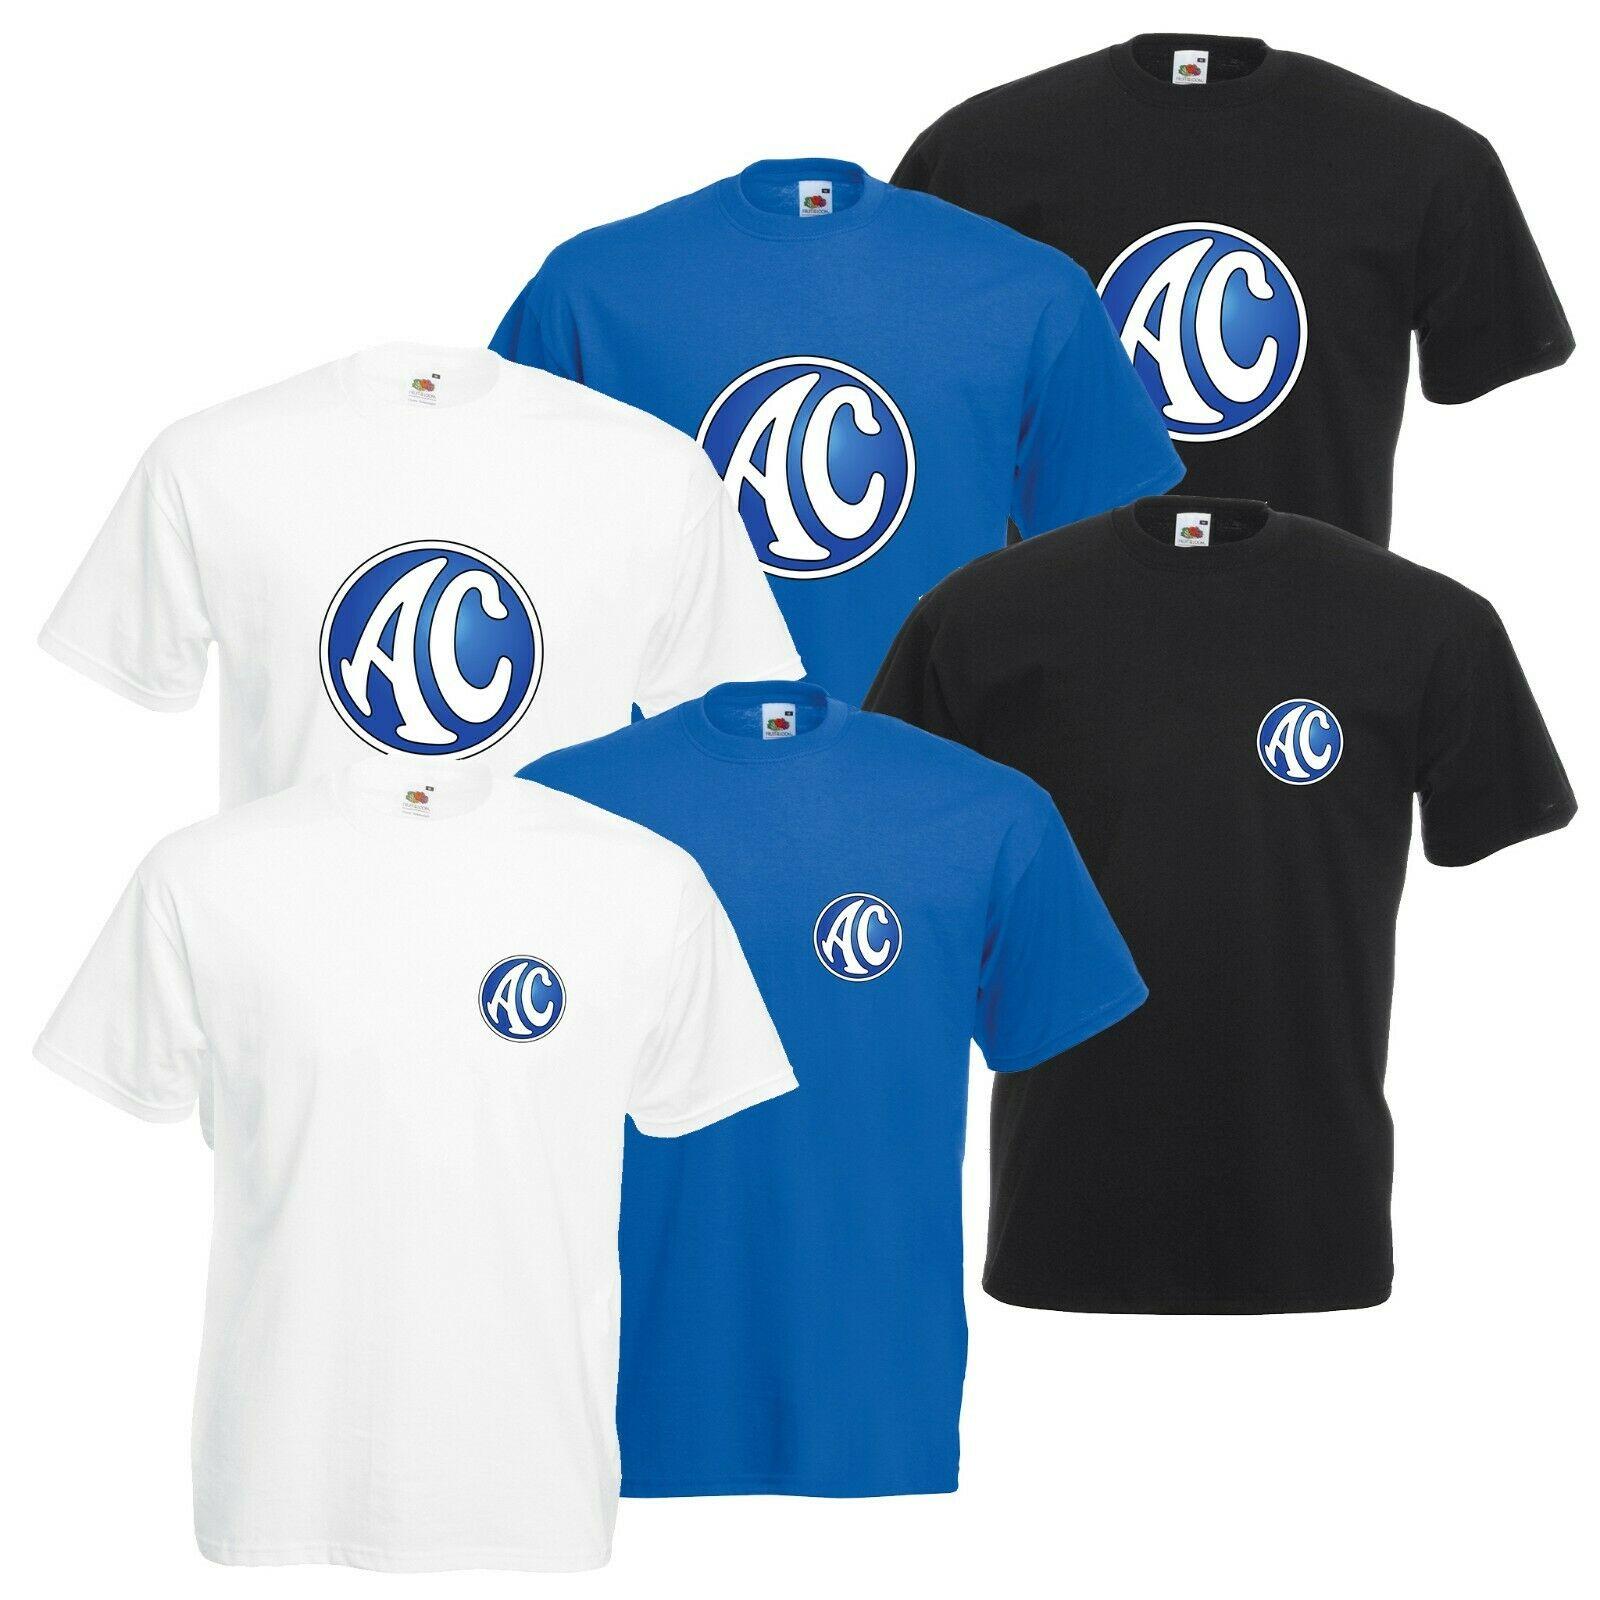 Camiseta de Ac Cars Cobra para hombre y mujer, ropa informal clásica...